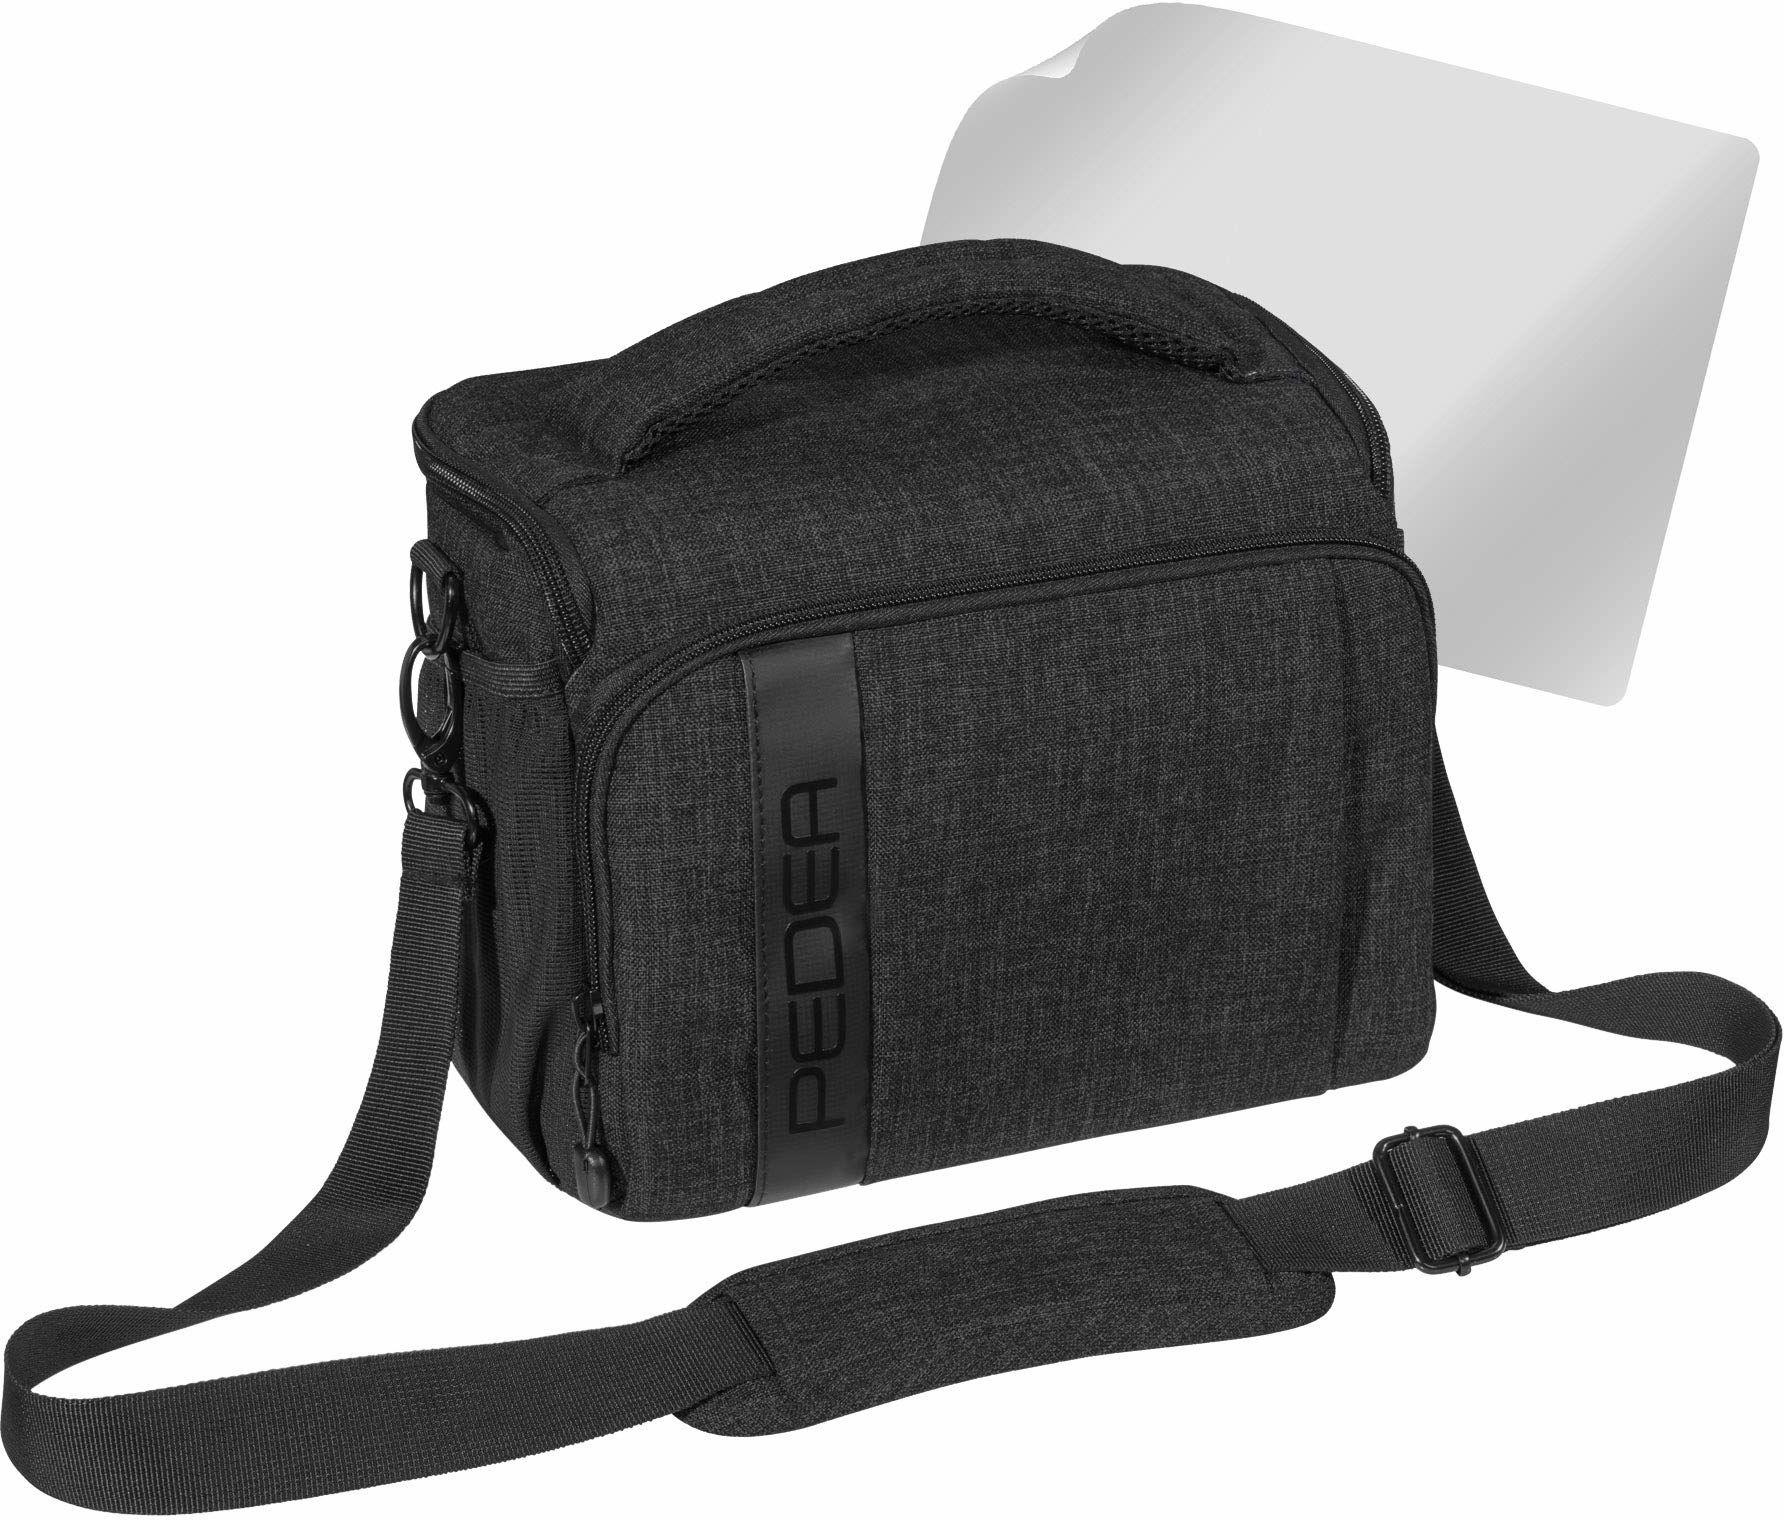 """PEDEA DSLR torba na aparat """"Fashion"""" z folią ochronną na wyświetlacz do Canon EOS 5D Mark II 400D 2000D / Nikon D60 D80 D90 D3100 D3200 D3300 D3400 D5300 D7100 / Pentax K 50 K 500, rozm. XL czarny"""